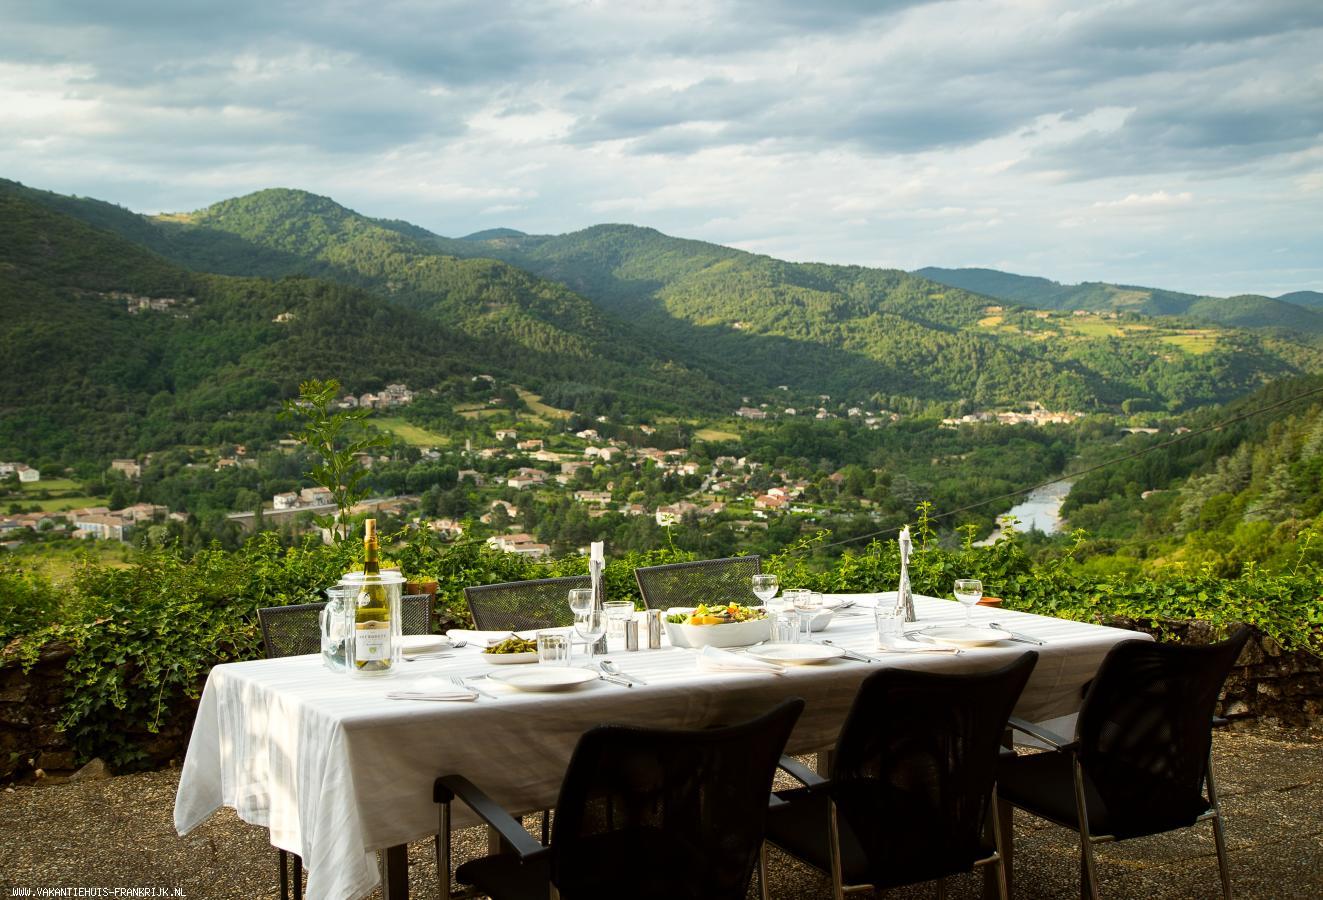 Vakantiehuis: Karakteristiek vakantiehuis te huur in beschermd natuurgebied in de Ardèche te huur voor uw vakantie in Ardeche (Frankrijk)